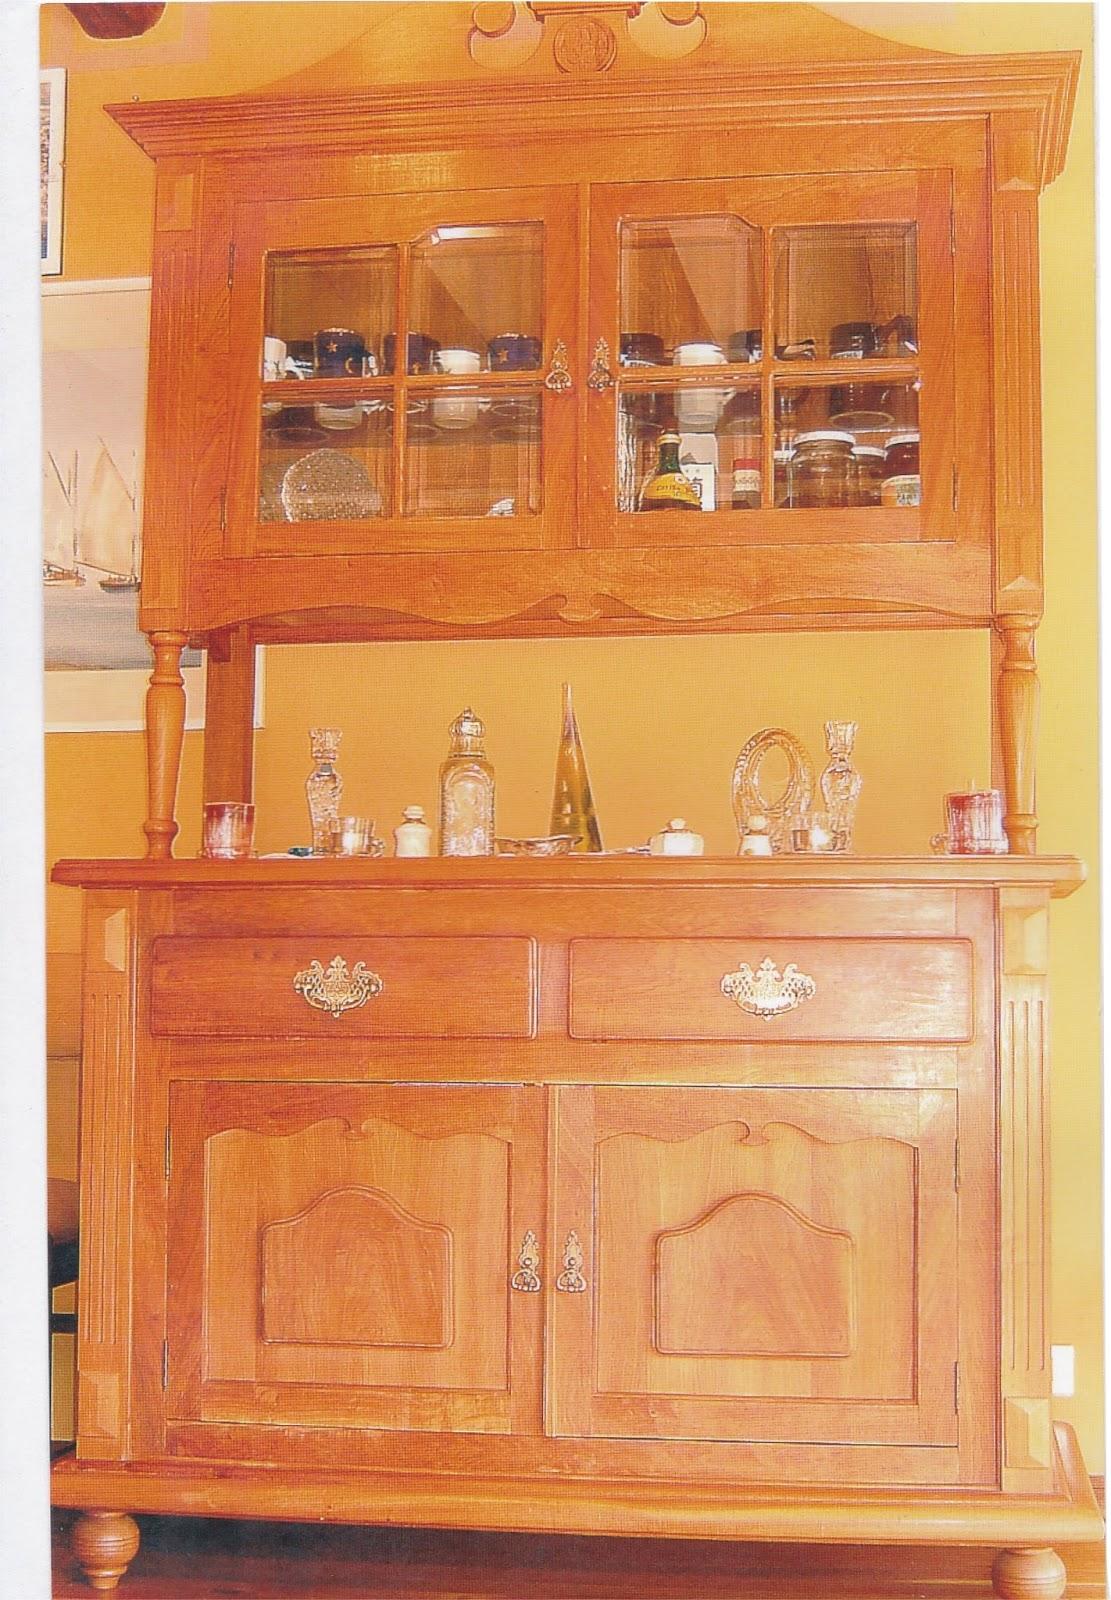 Arte sacro en madera confeccion de r plicas y restauraci n de muebles antiguos alemanes - Restauracion muebles antiguos ...